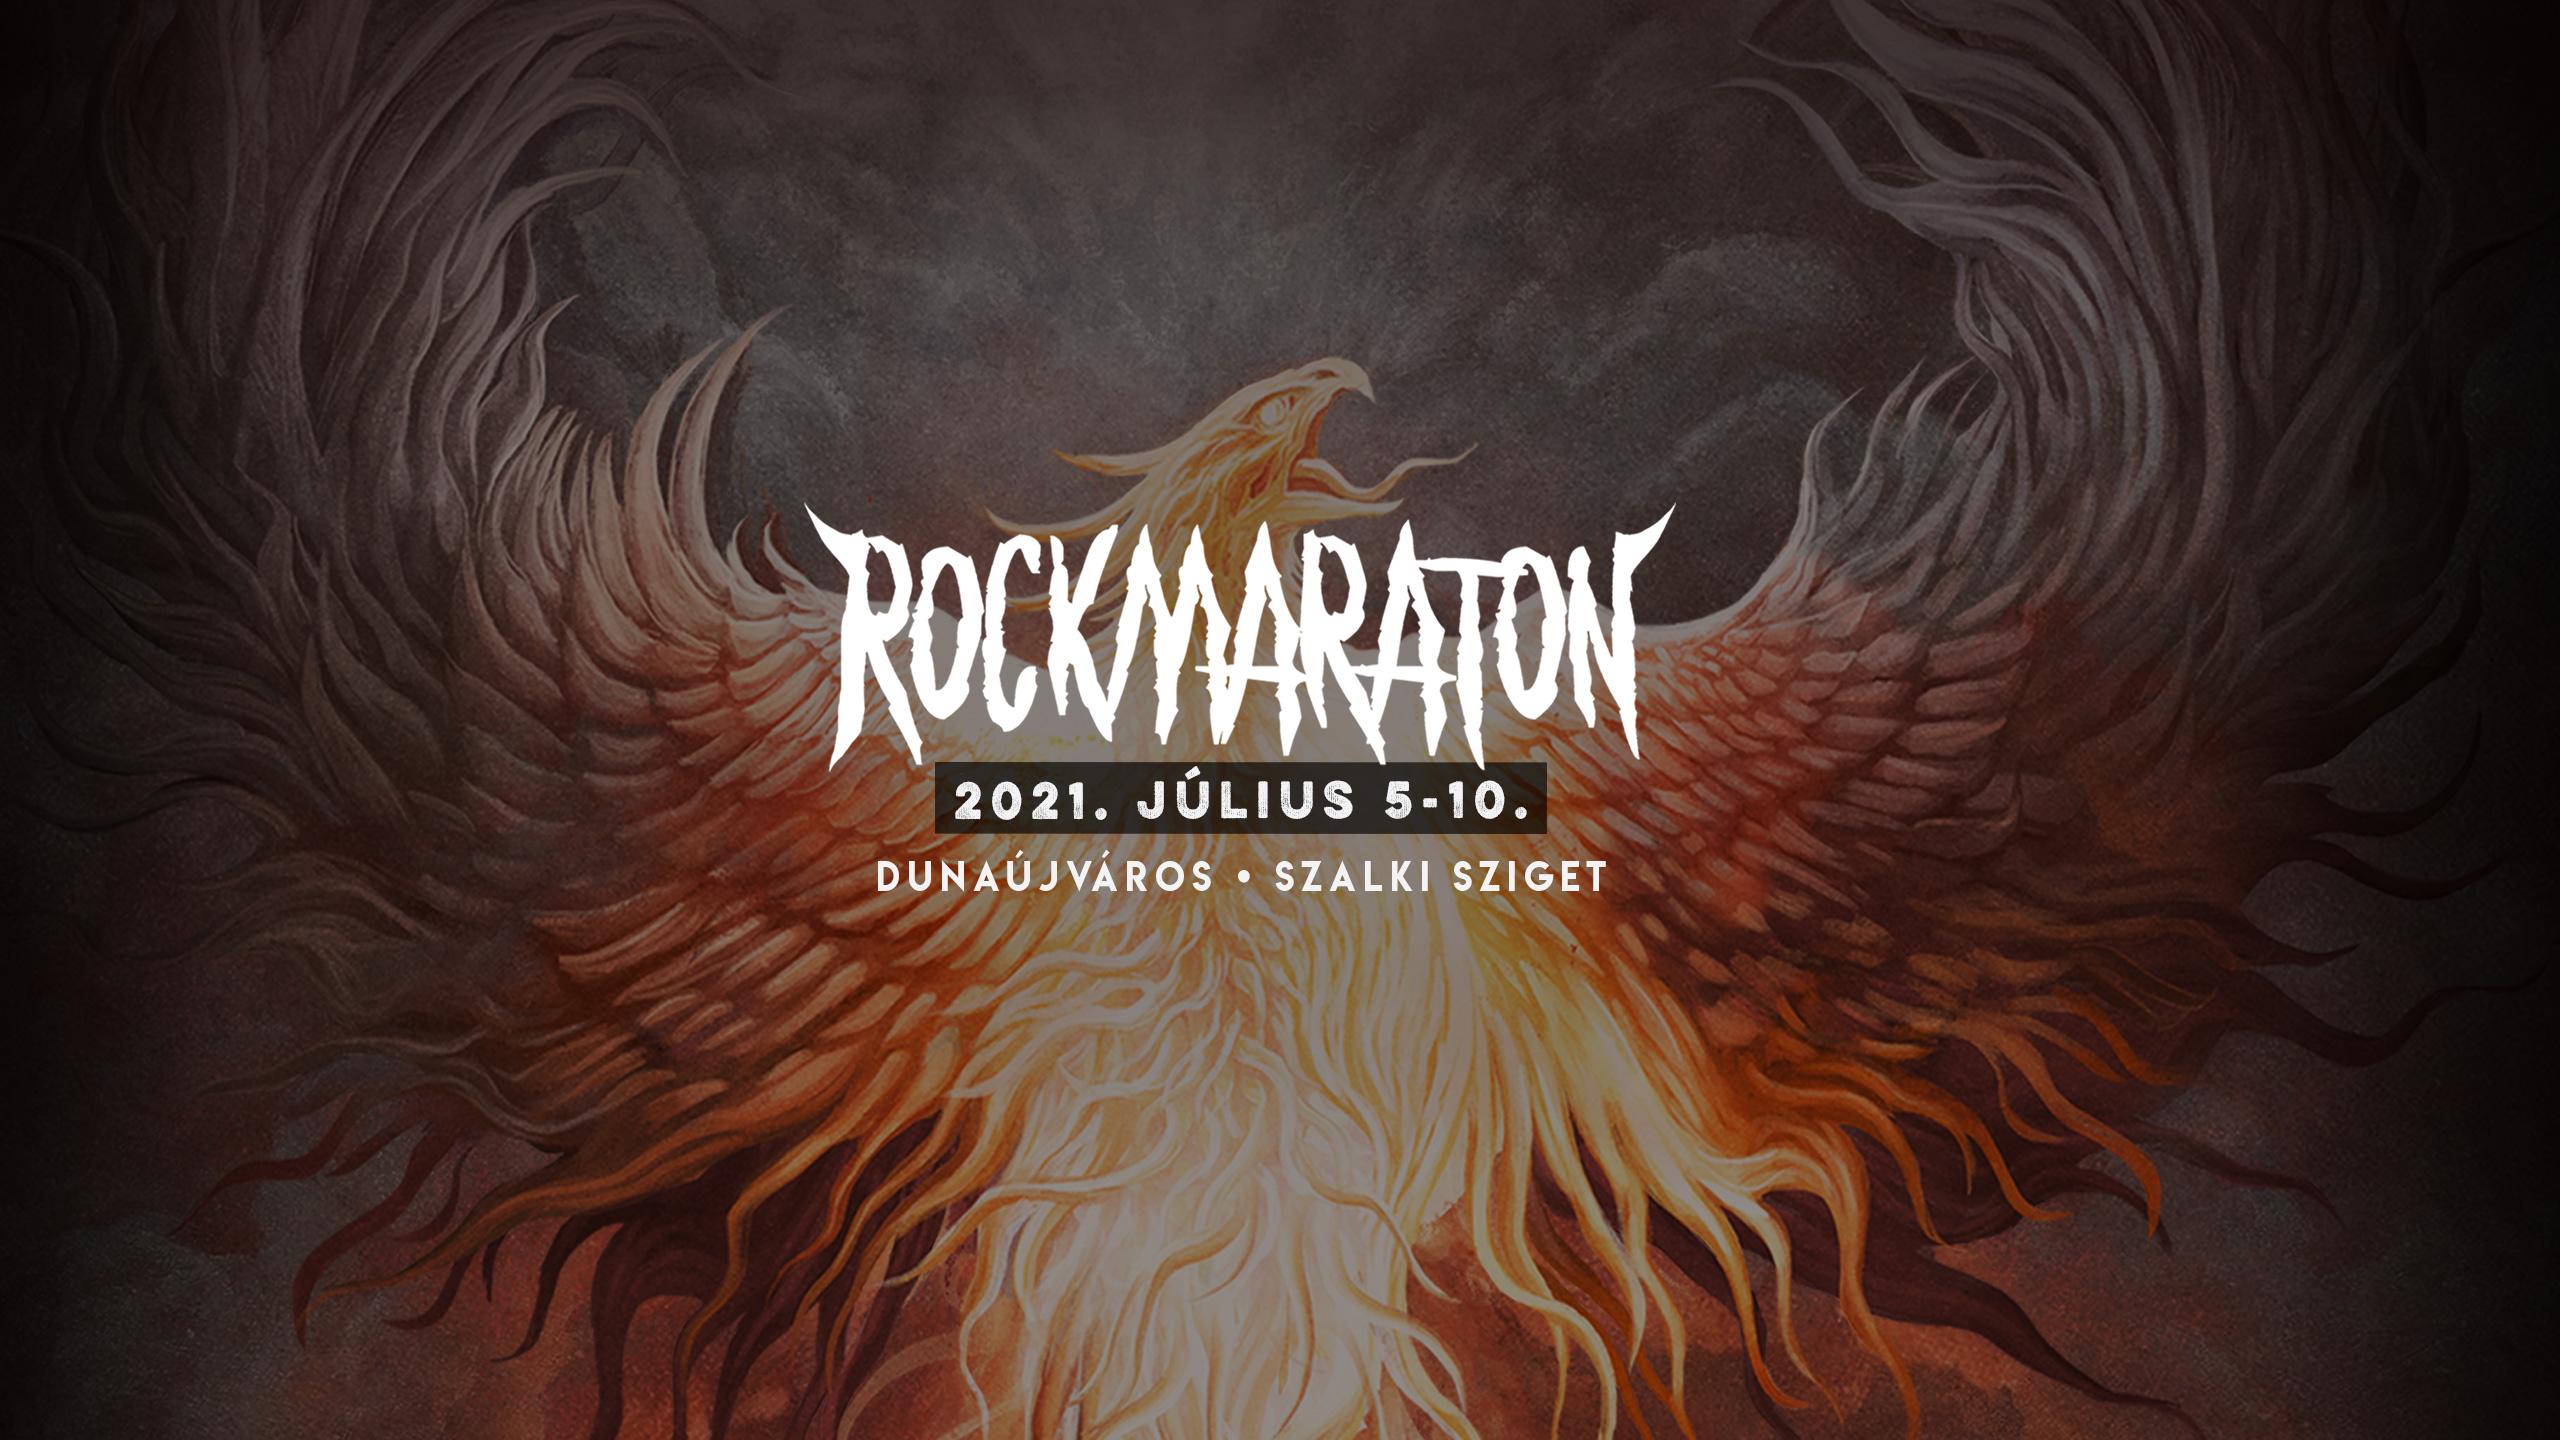 Rockmaraton - 2012. július 5-10. Dunaújváros, Szalki-sziget